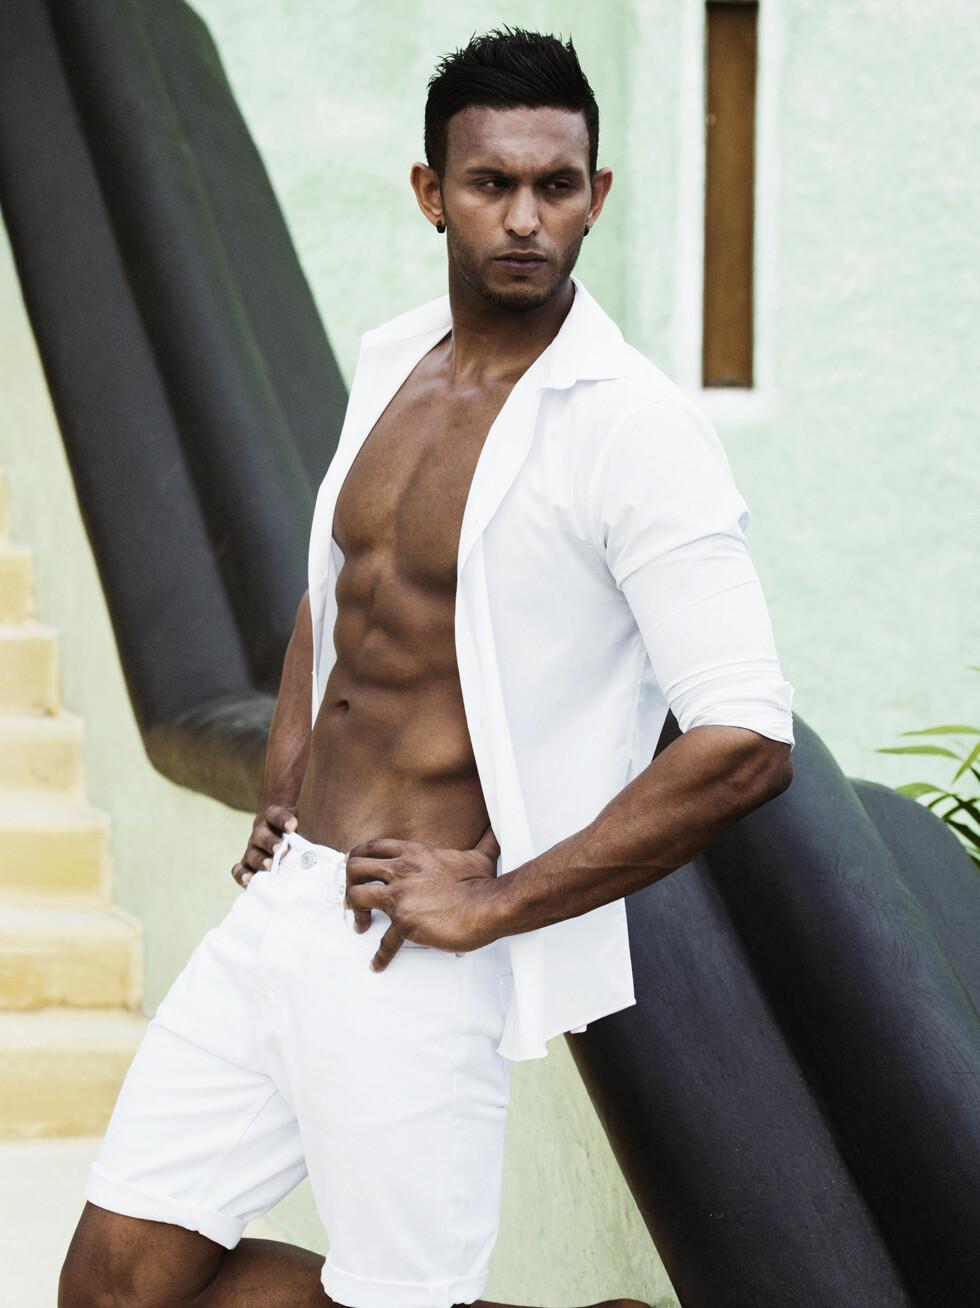 POPULÆR KAR: Mayoo ble populær etter sin deltakelse i «Paradise Hotel», noe som førte til at både gutter og jenter kontaktet ham.  Foto: TV3